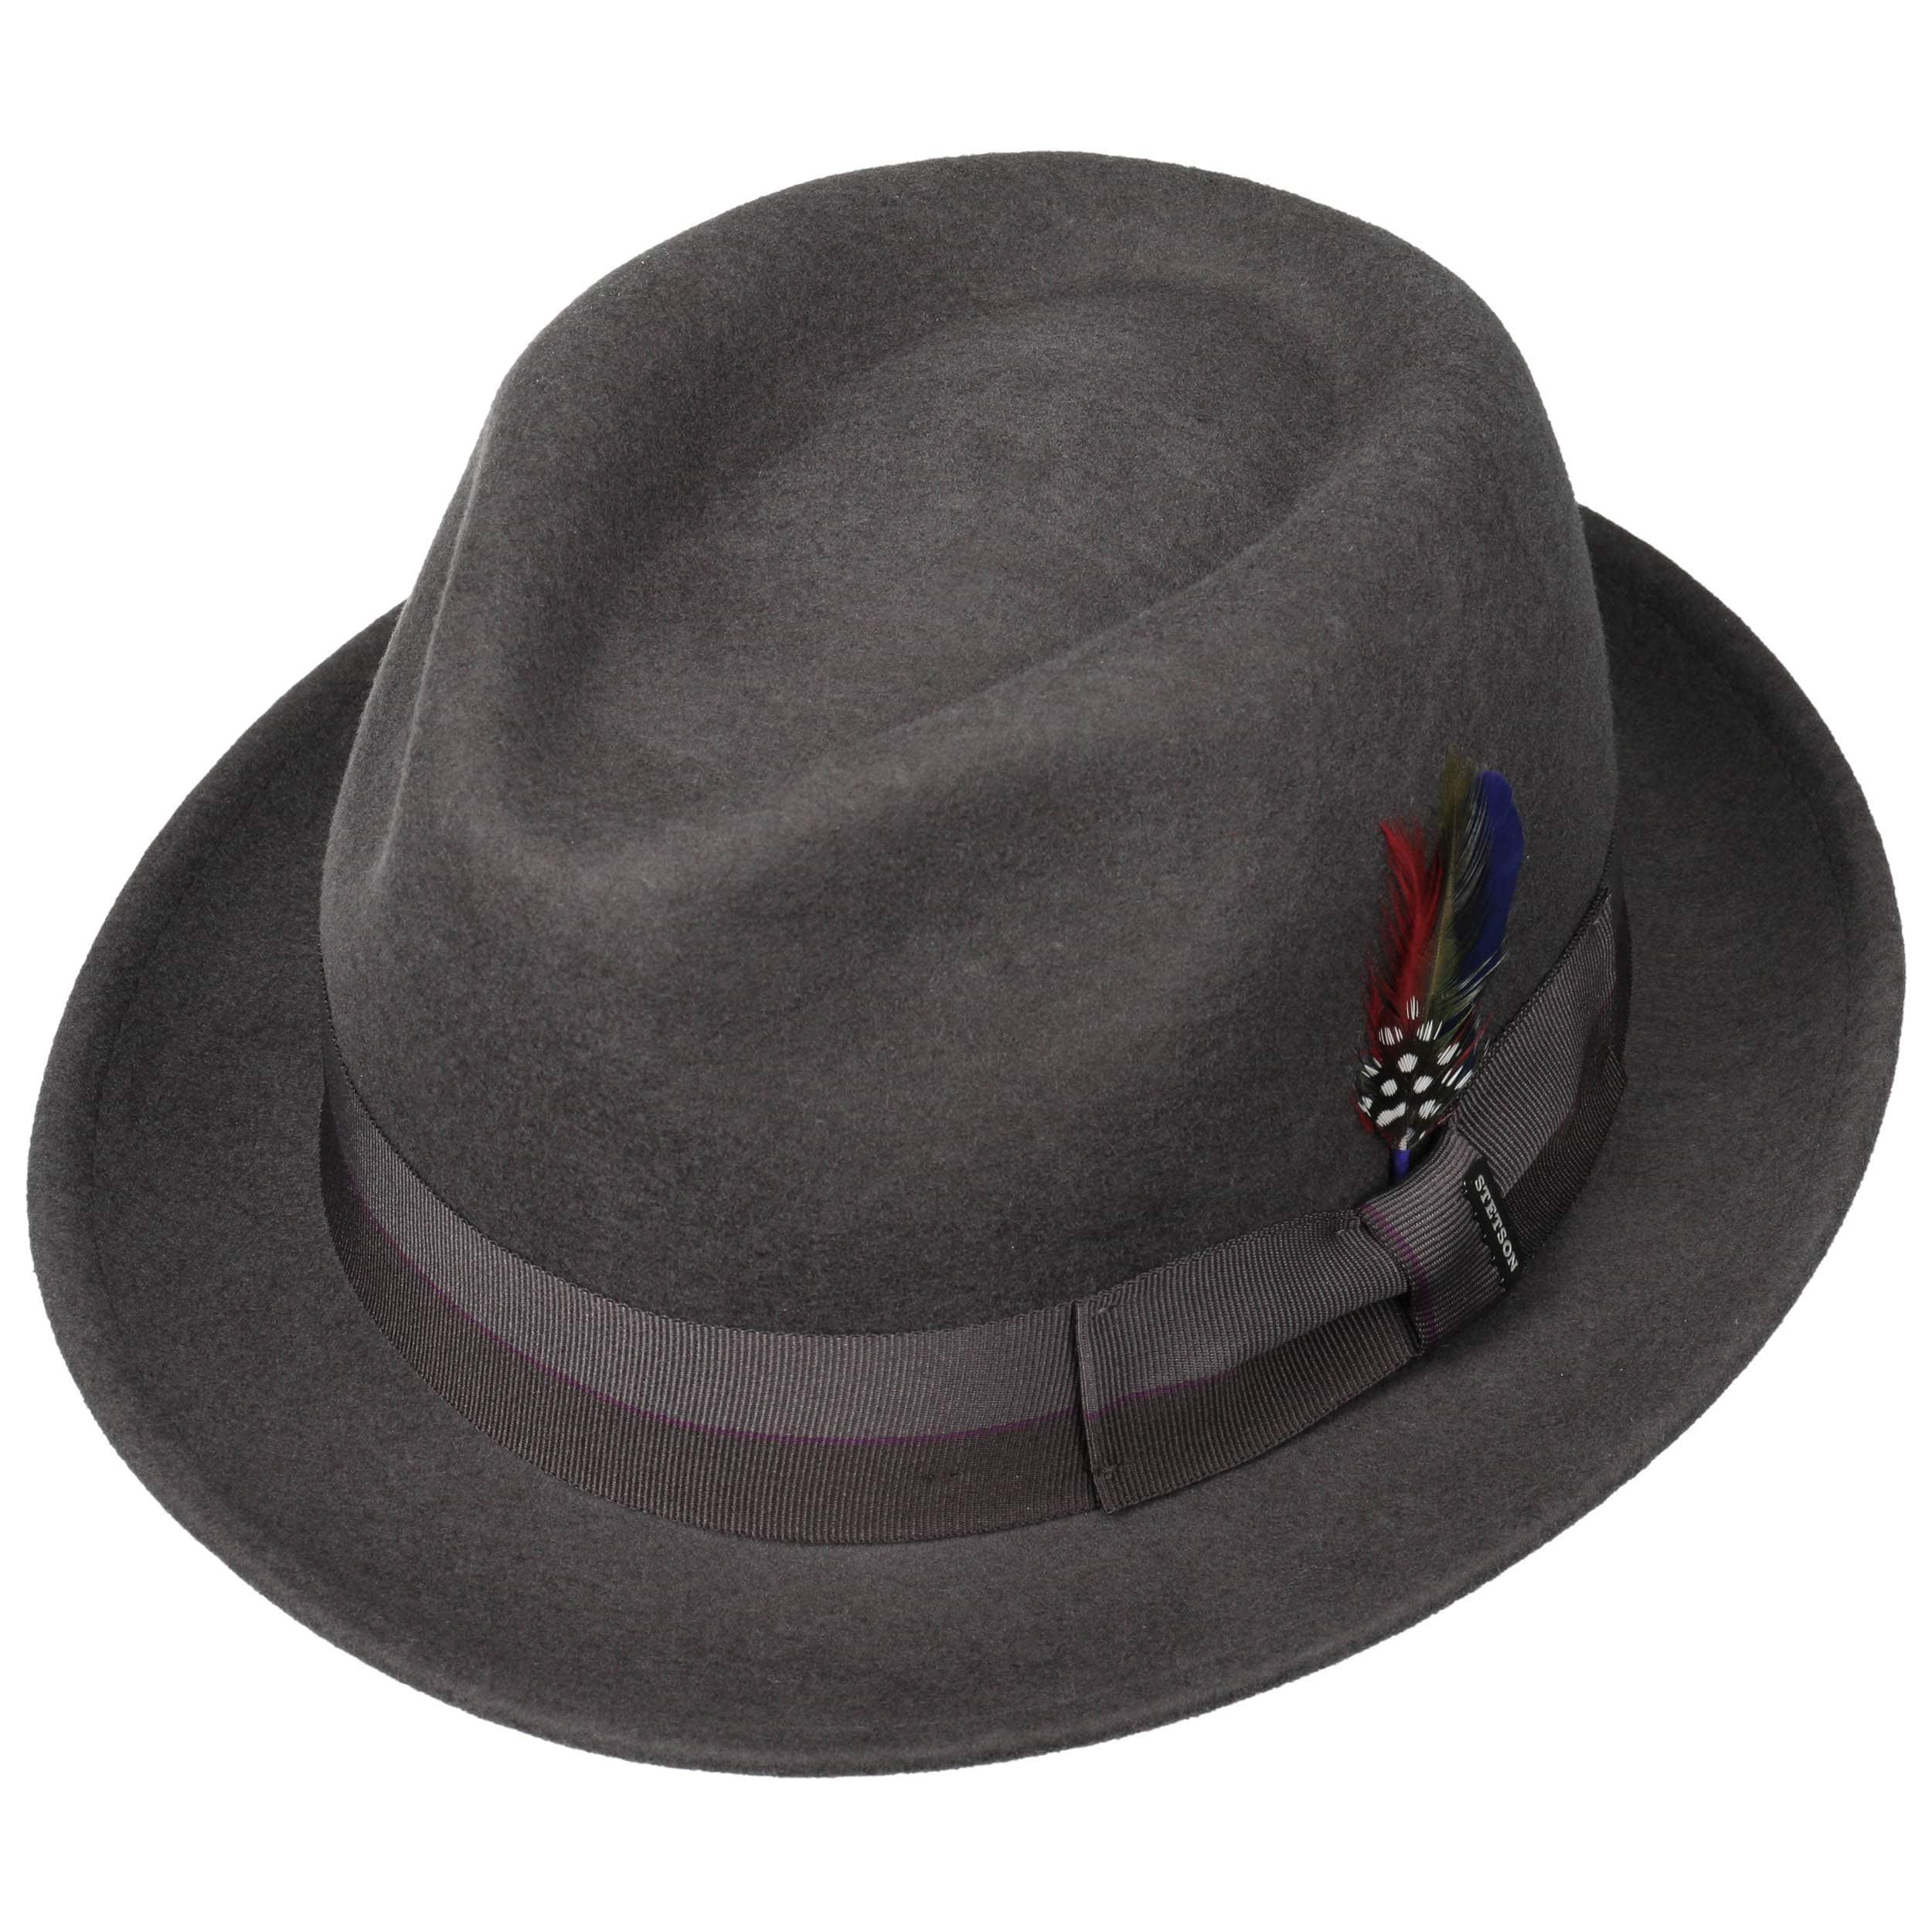 chapeau en feutre sapiro player by stetson eur 79 00 chapeaux casquettes et bonnets en. Black Bedroom Furniture Sets. Home Design Ideas